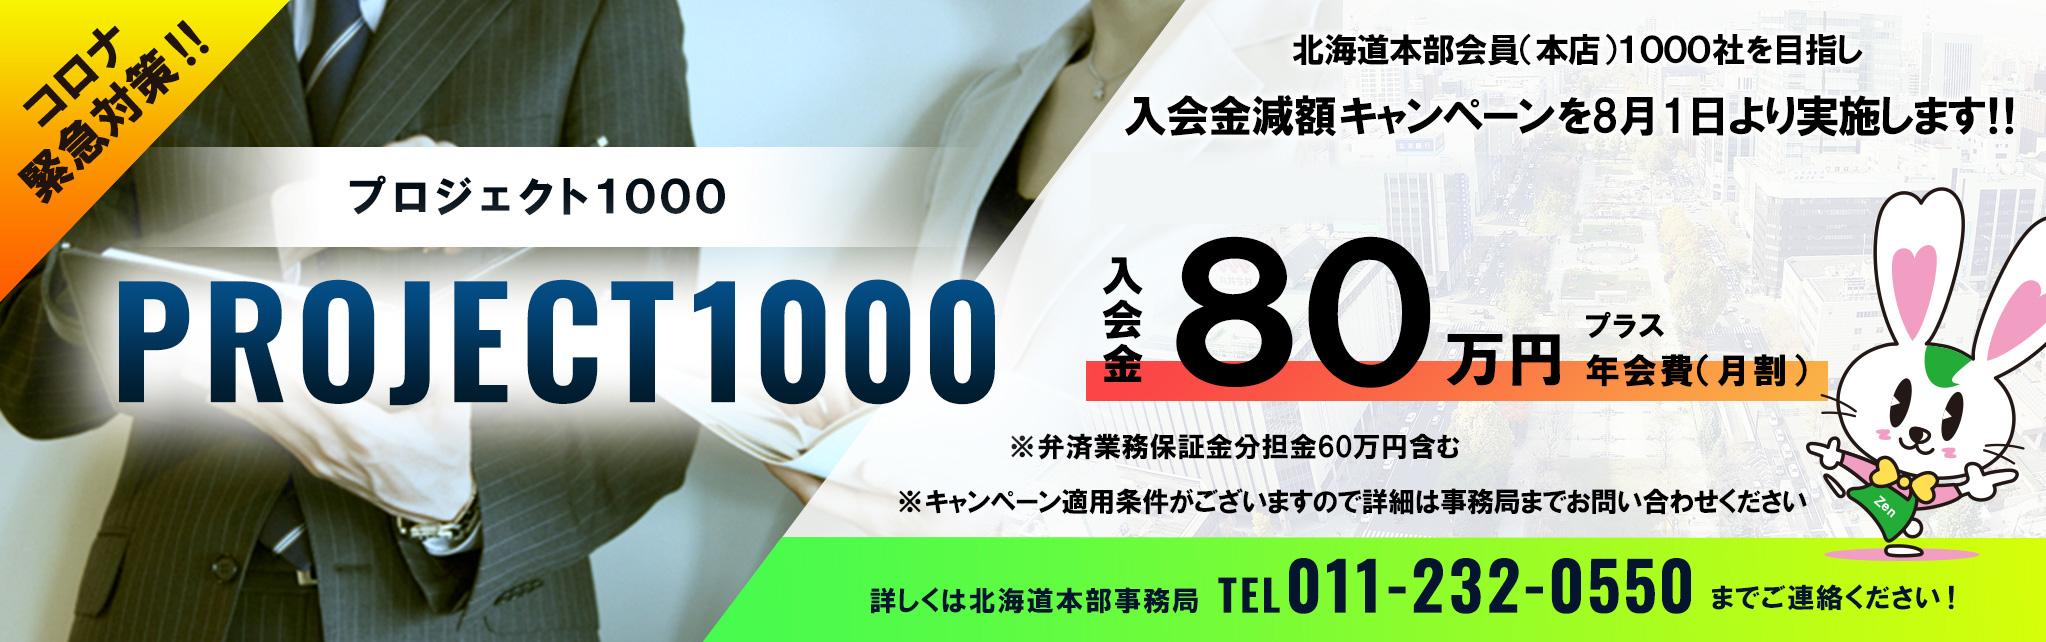 コロナ緊急対策!入会金減額キャンペーン